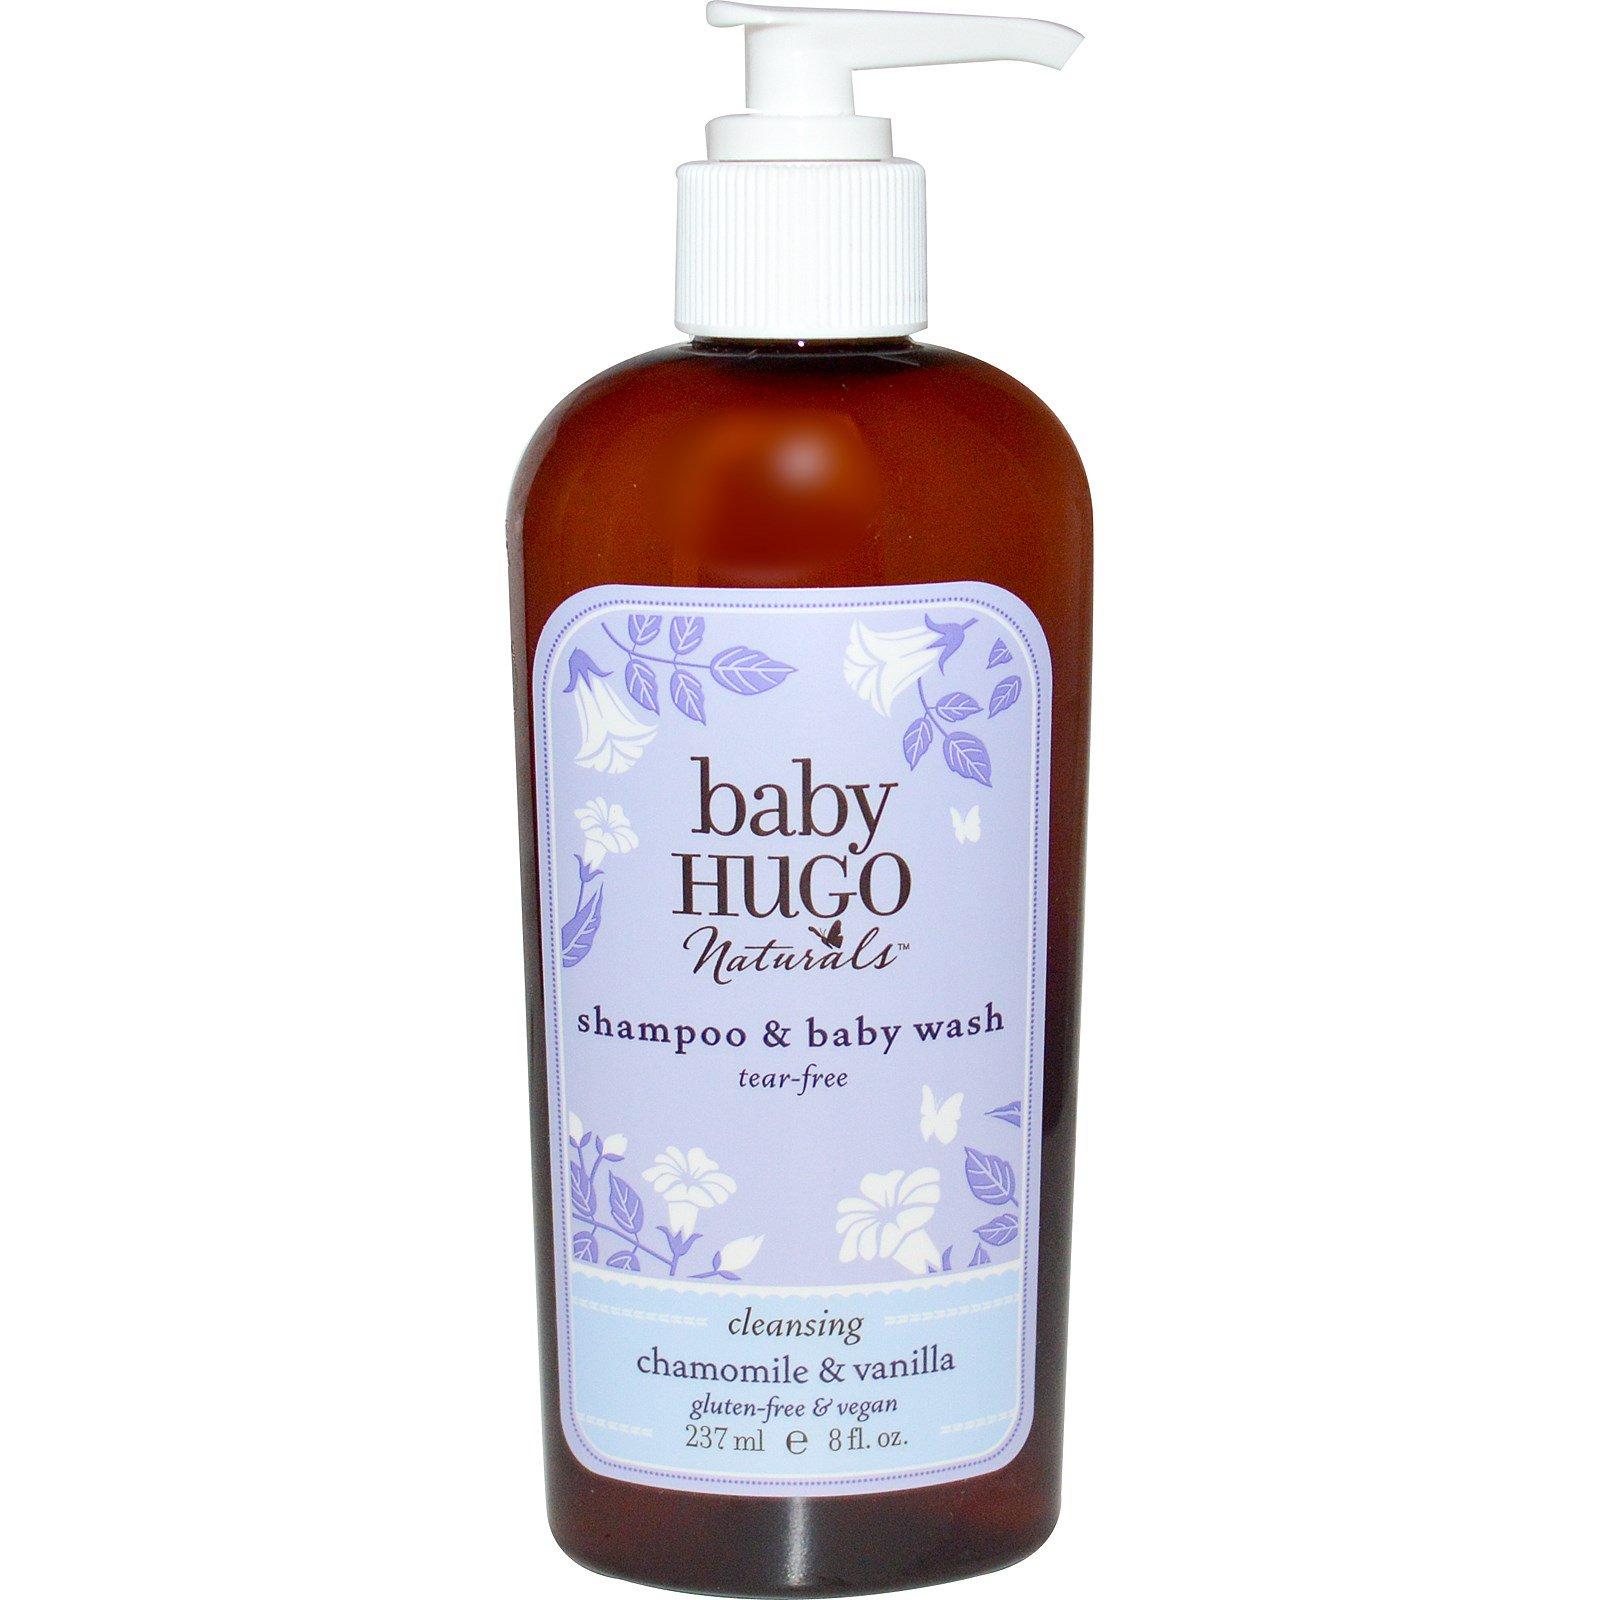 Hugo Naturals, Baby, Shampoo & Baby Wash, Tear-Free, Chamomile ...